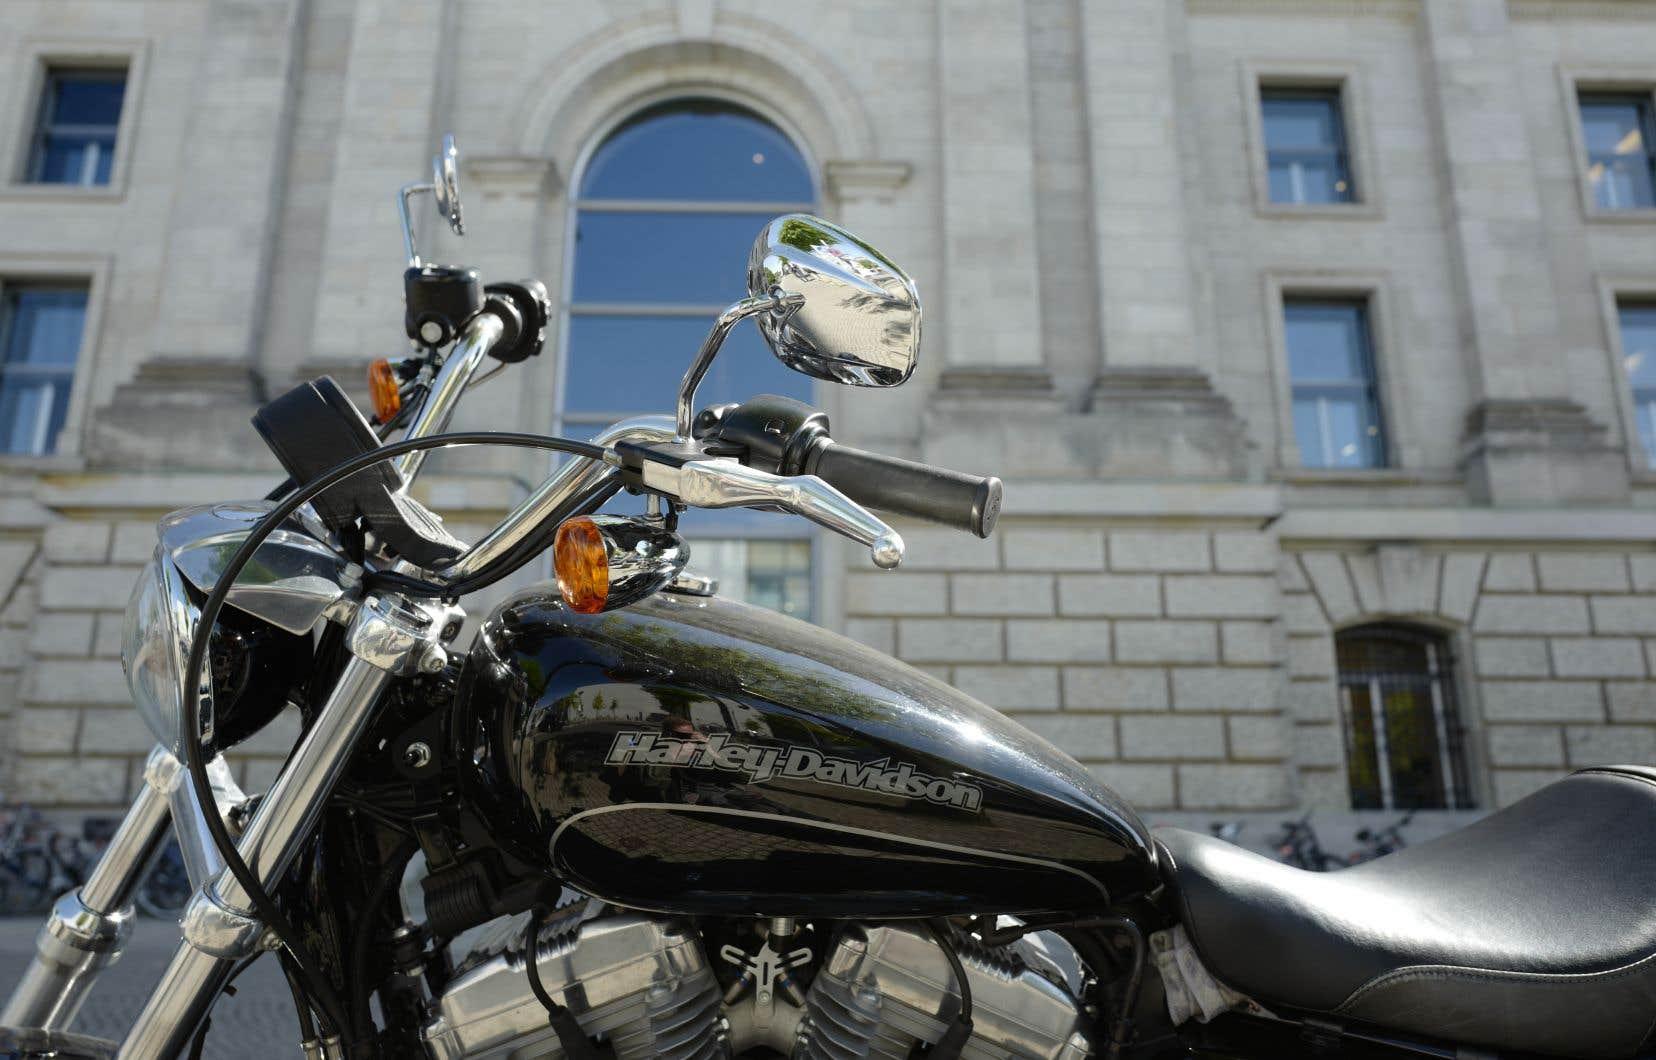 Les dirigeants de Harley-Davidson ont révélé, fin juin, qu'ils prévoyaient de relocaliser en Europe la partie de leur production qui est destinée à ce marché.